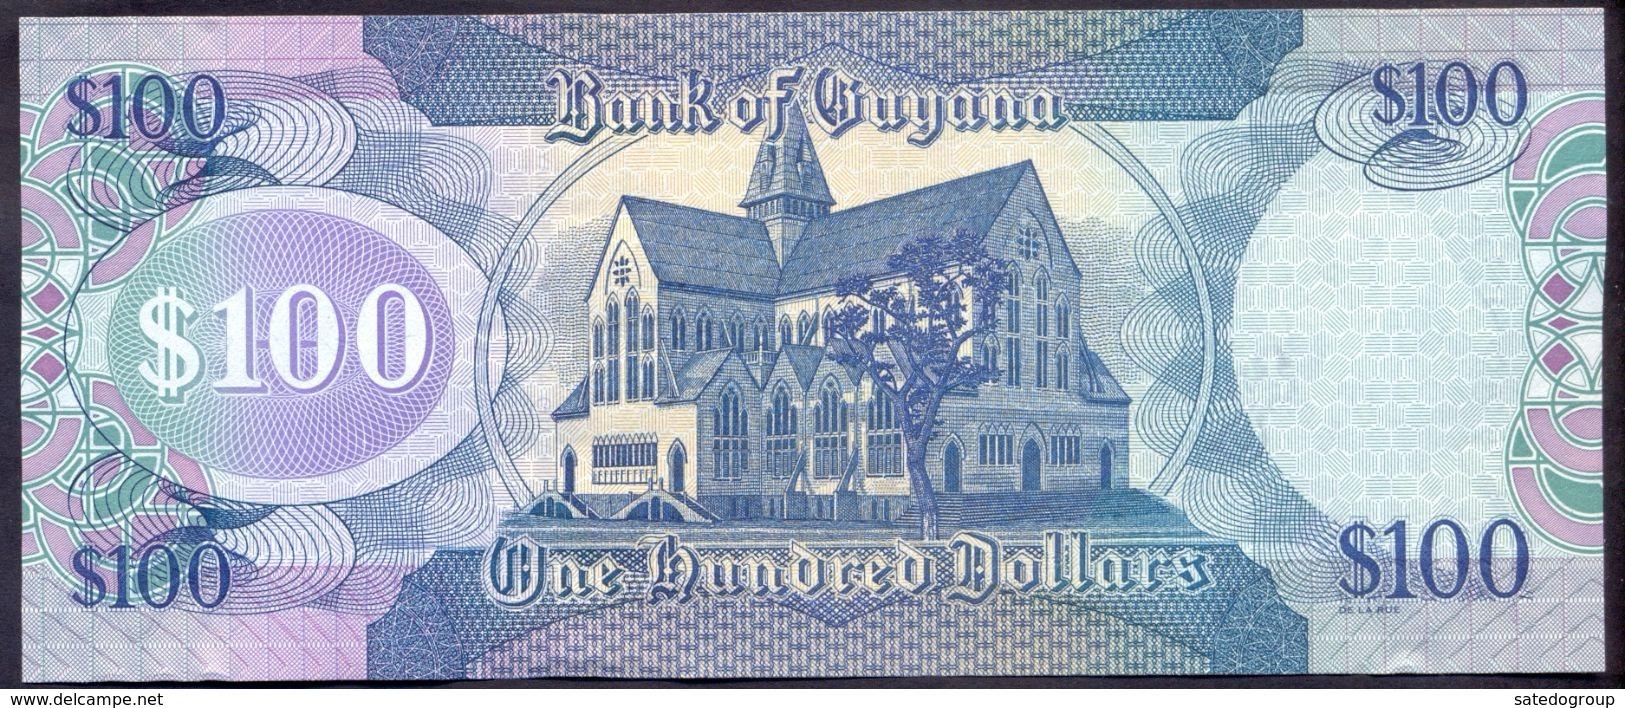 Guyana 100 Dollars 2005 UNC P-36a - Guyana